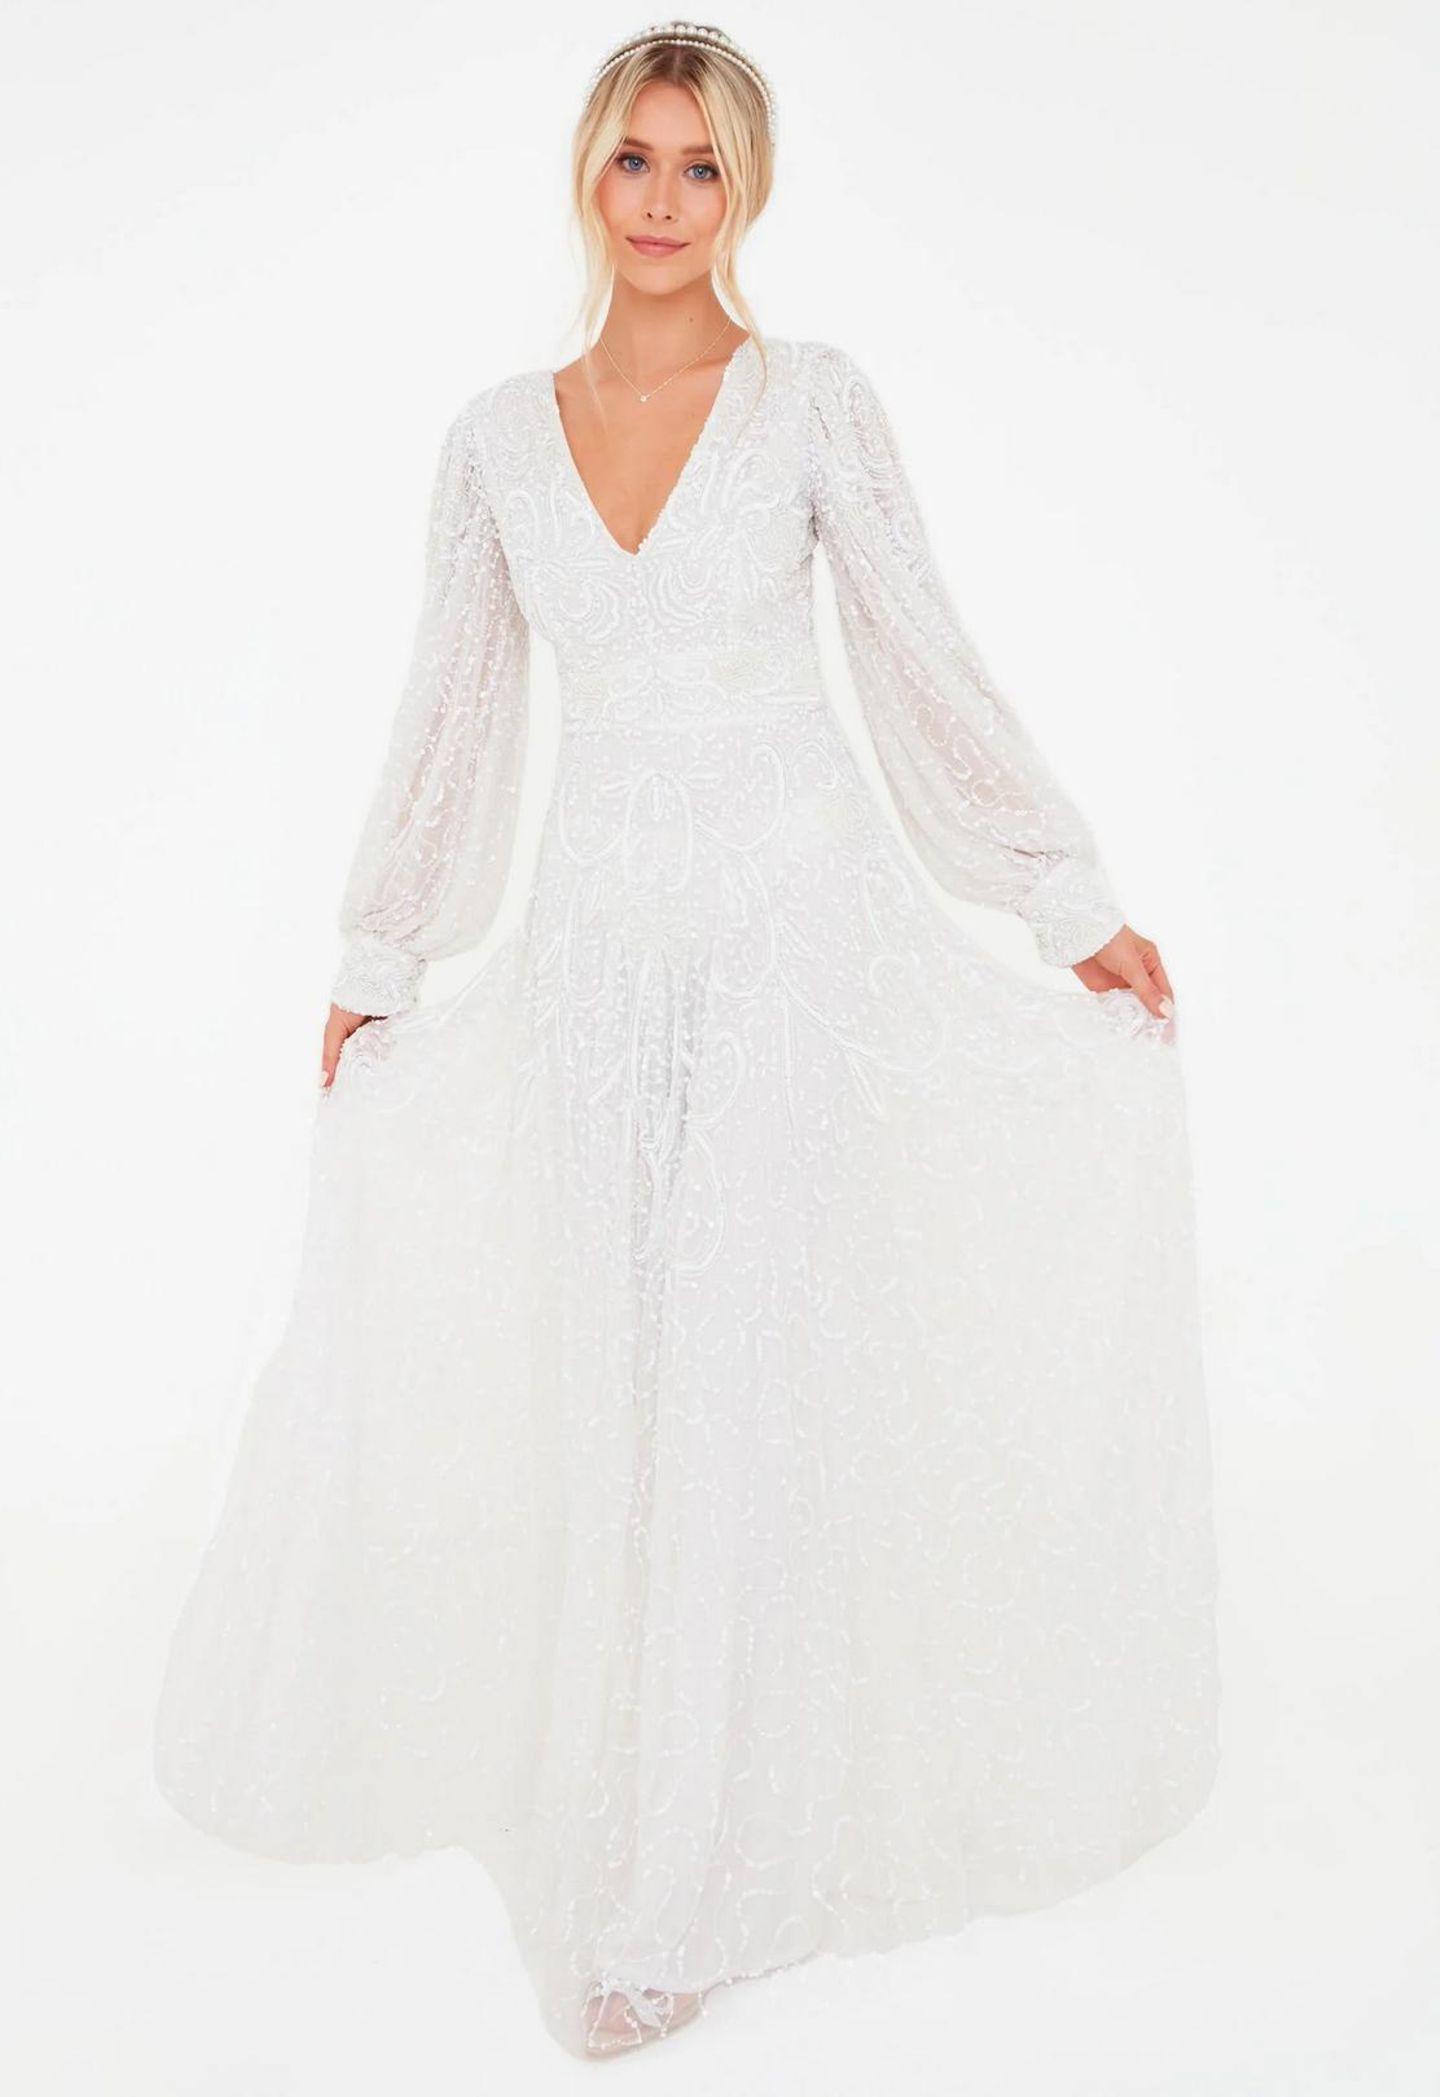 Ein Model präsentiert ein Brautkleid.